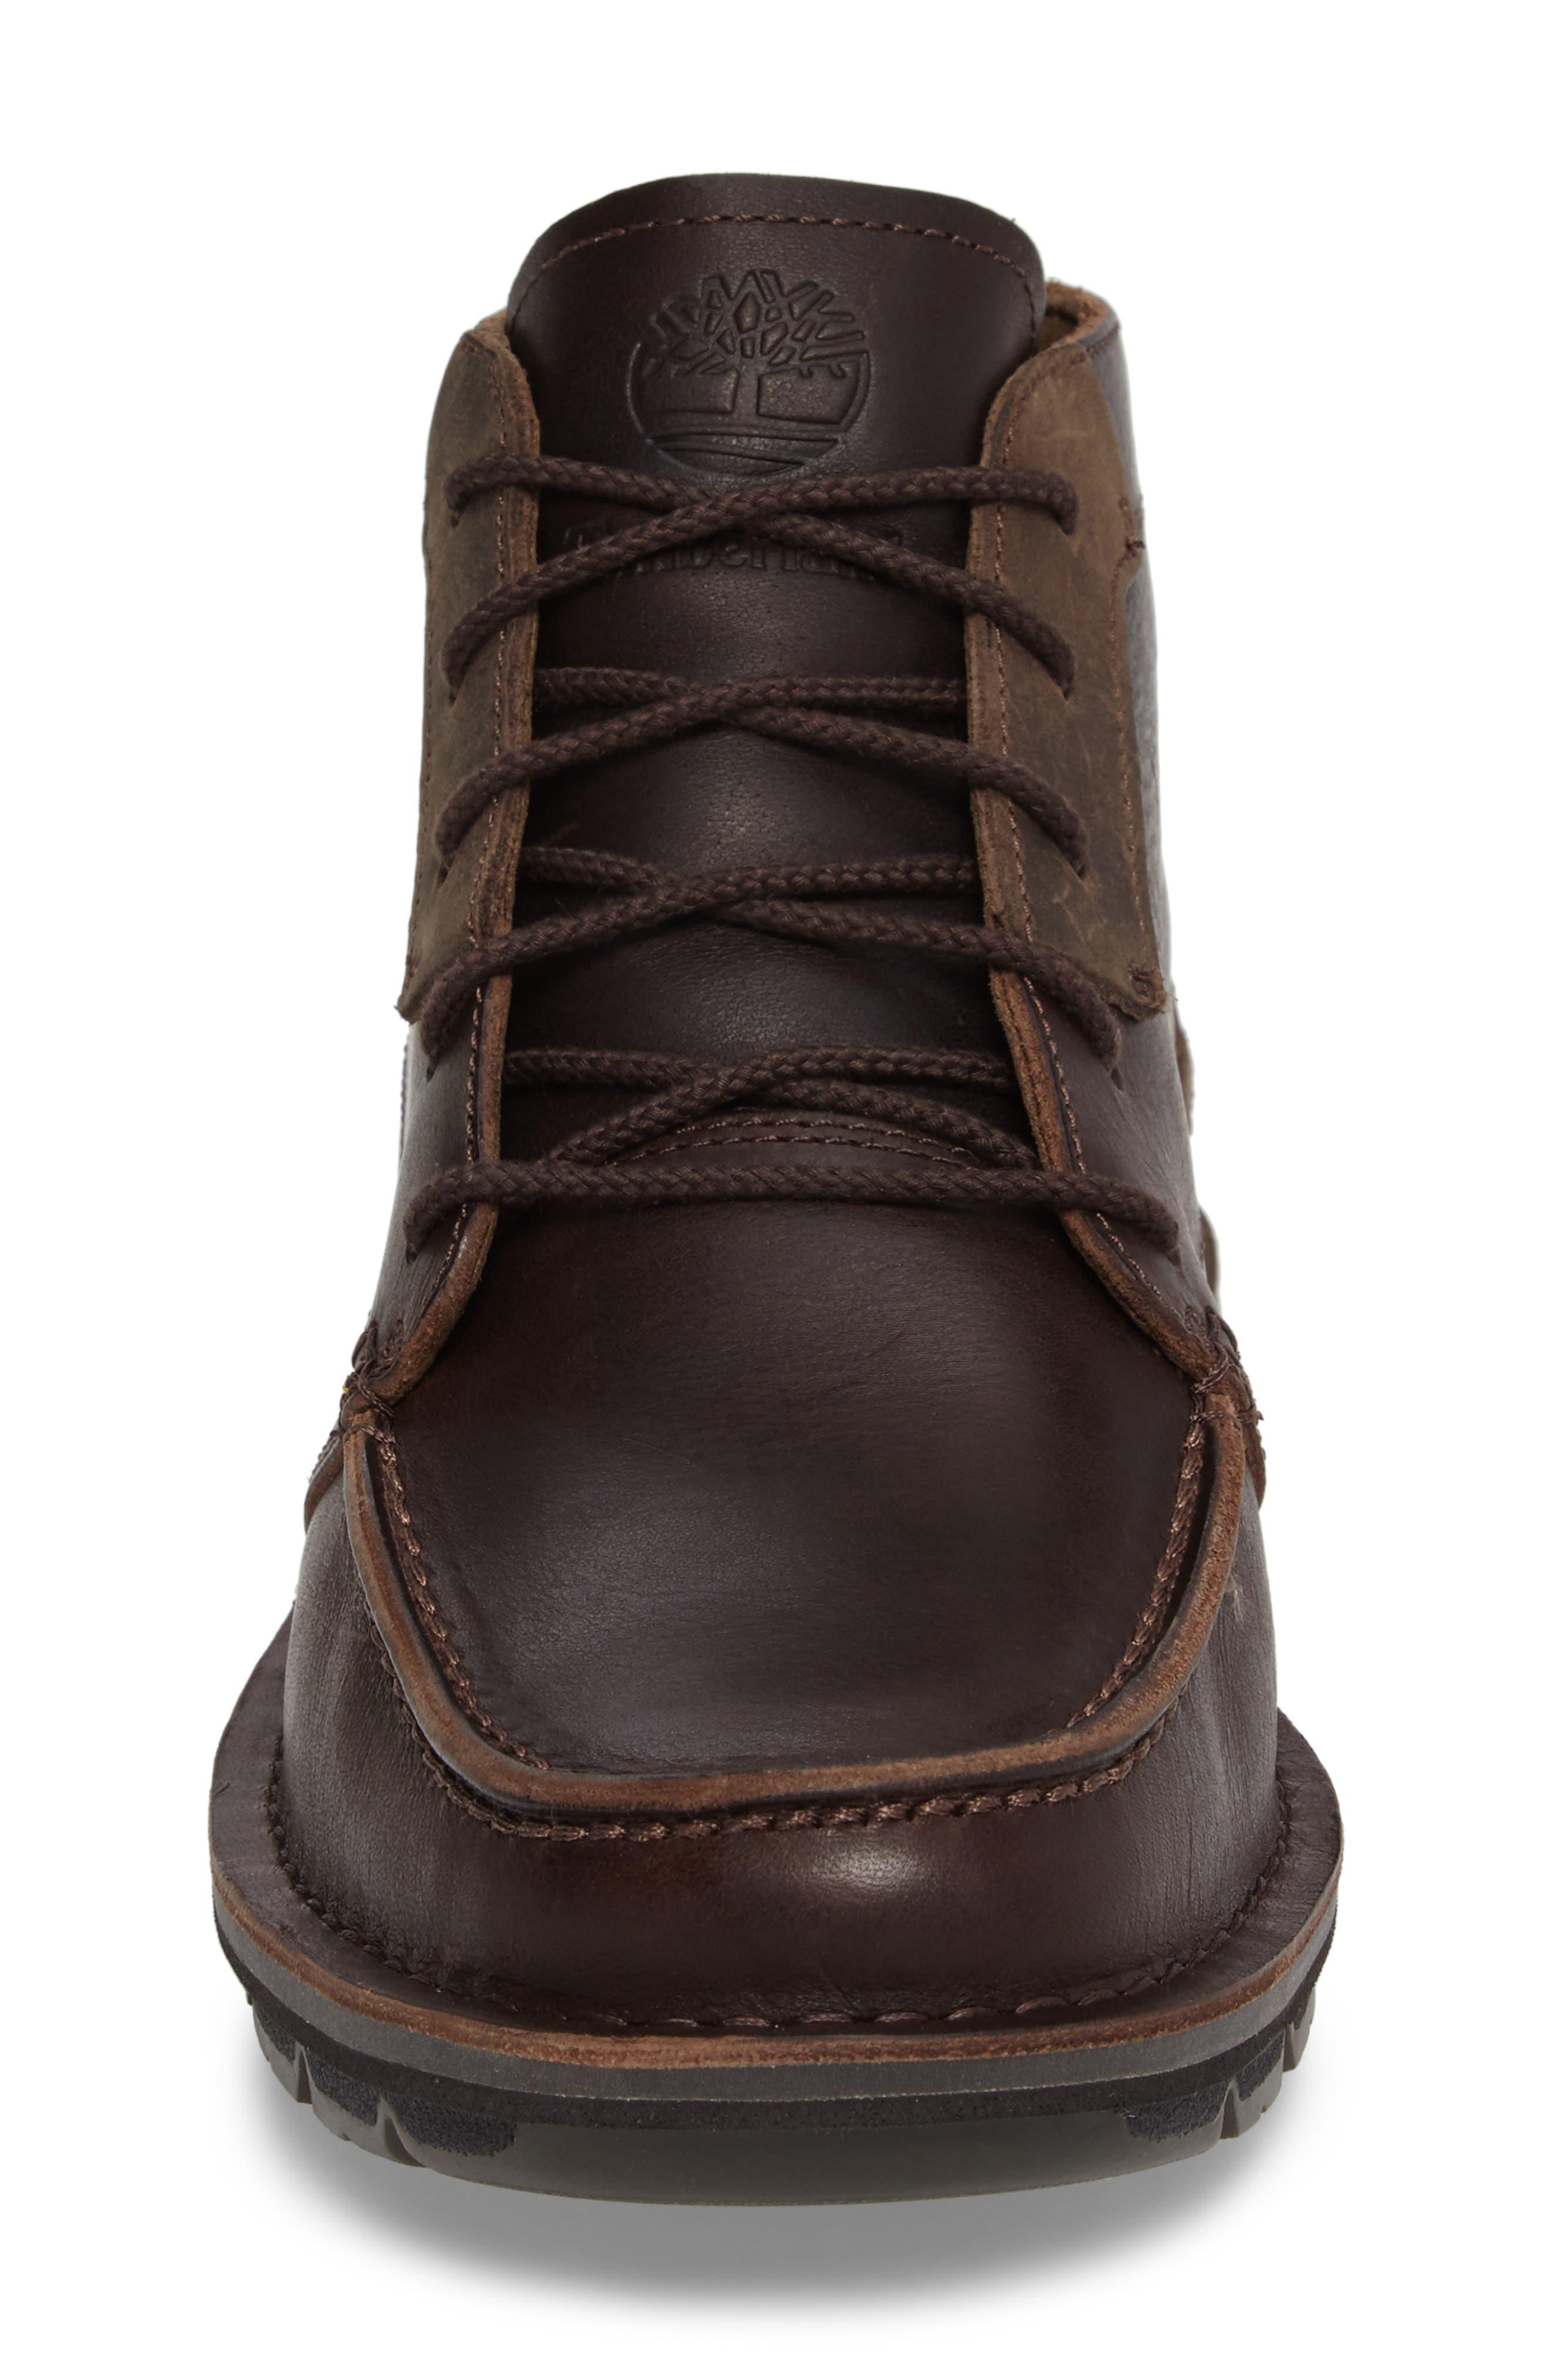 Coltin Moc Toe Boot,                             Alternate thumbnail 4, color,                             201